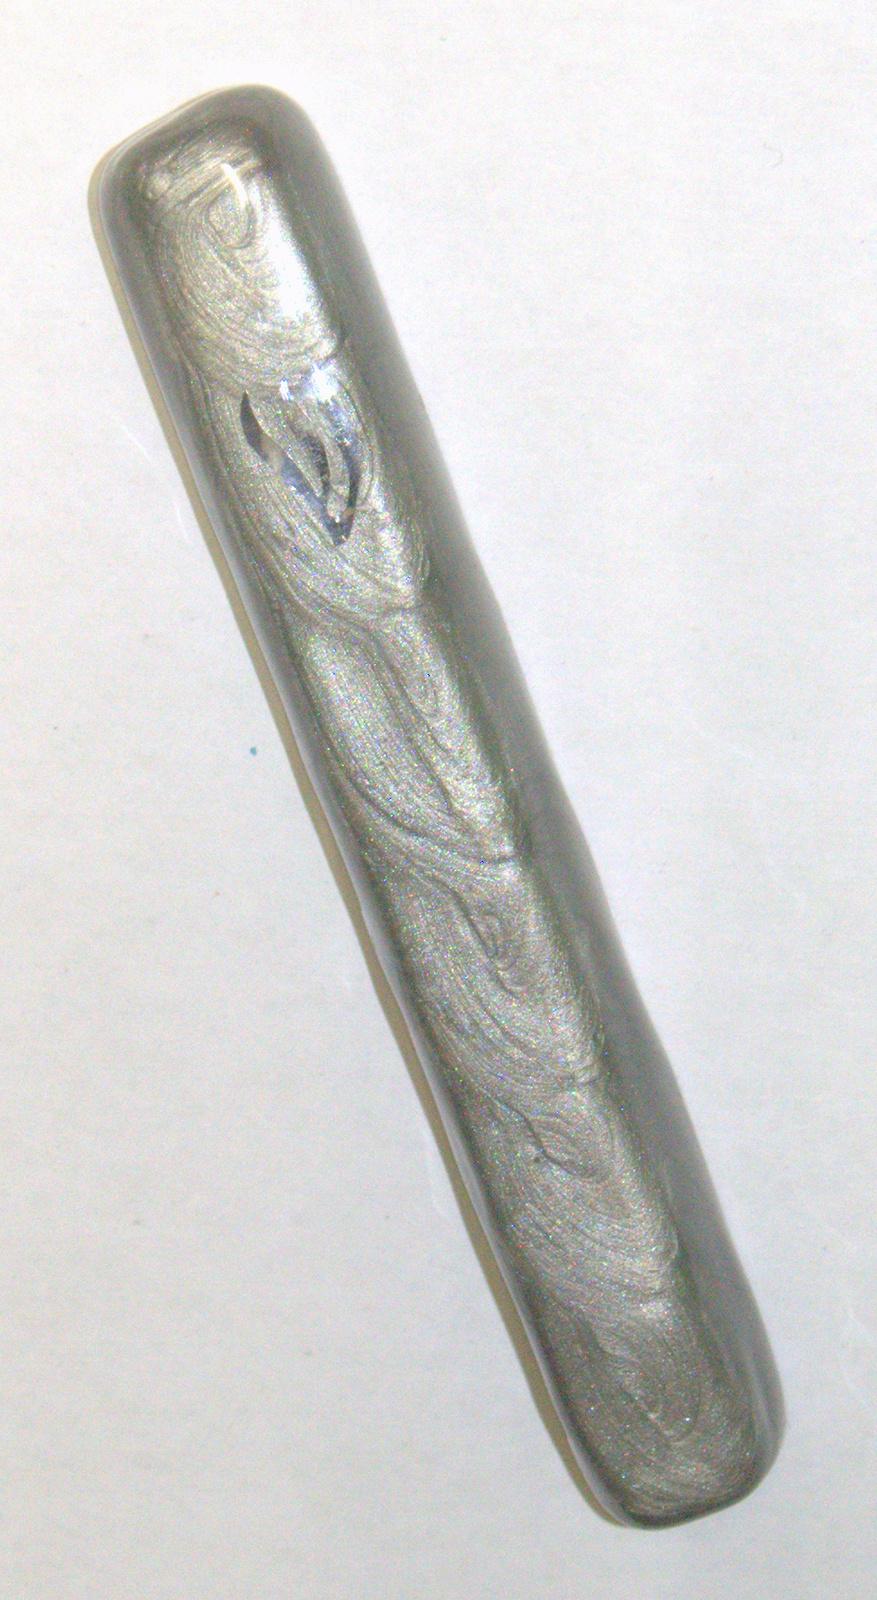 X7jm0065.orf